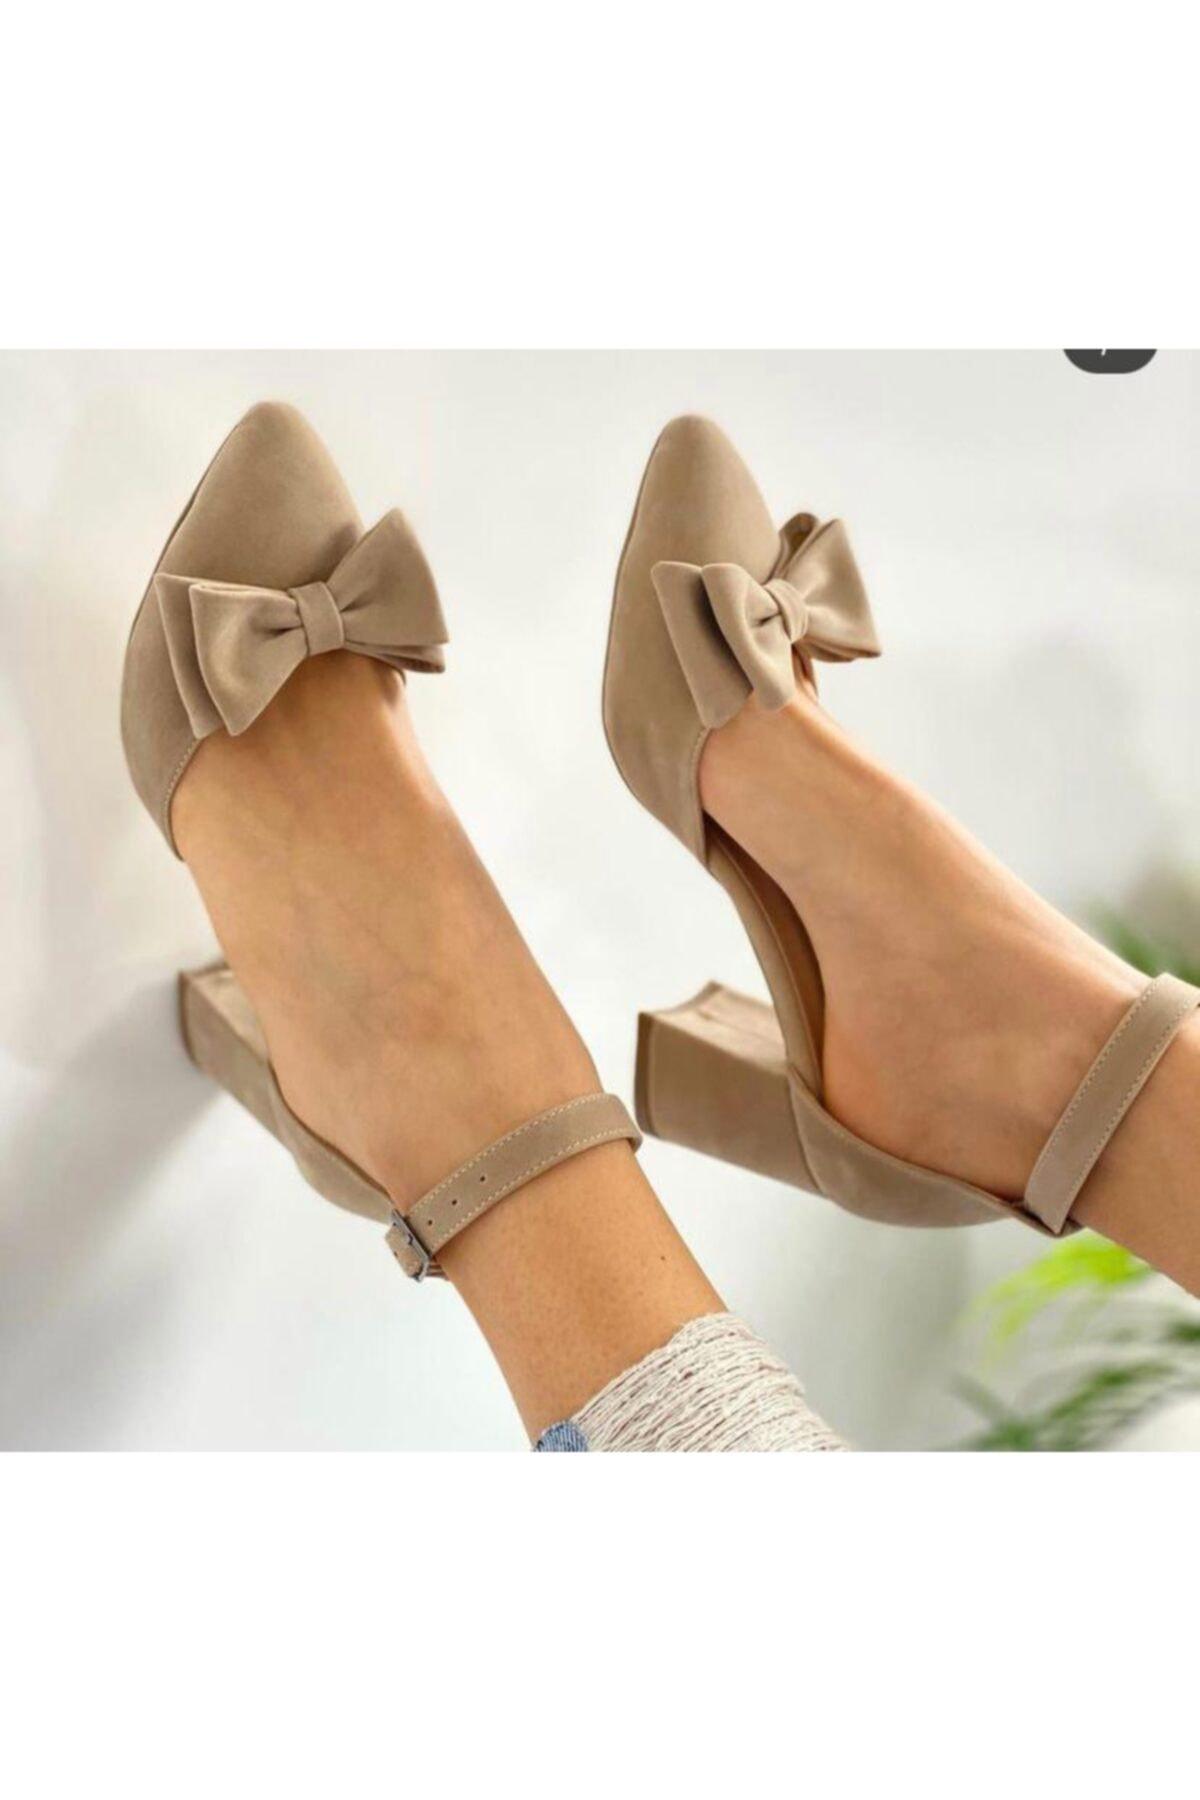 Kadın Topuklu Fiyonk Modellı Ayakkabısı